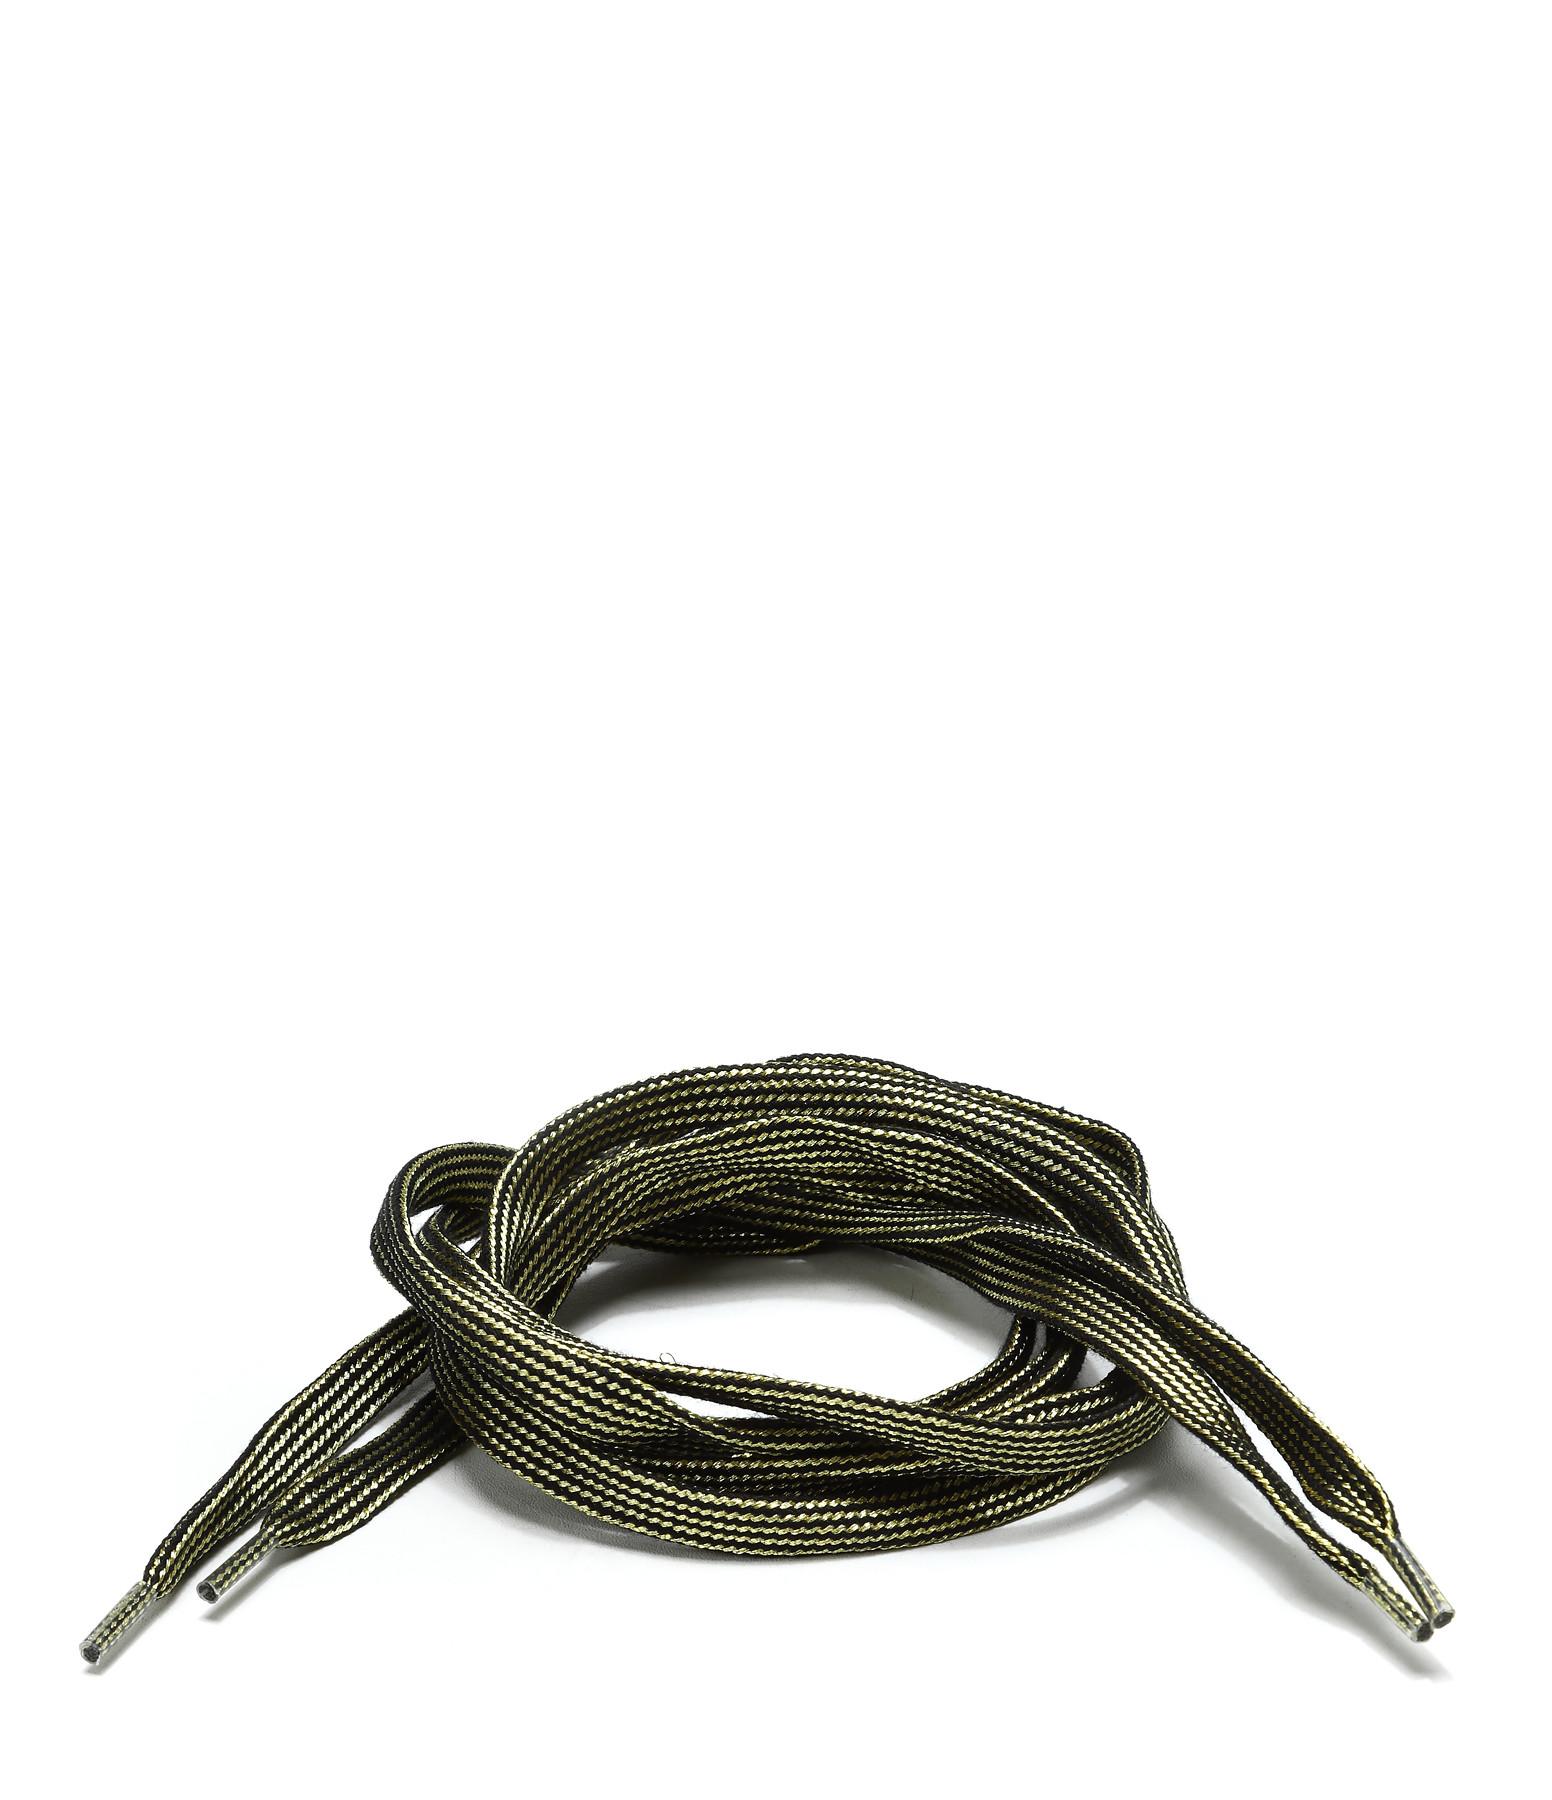 LULLI BASIC - Lacets Plats Noirs Dorés 115 cm